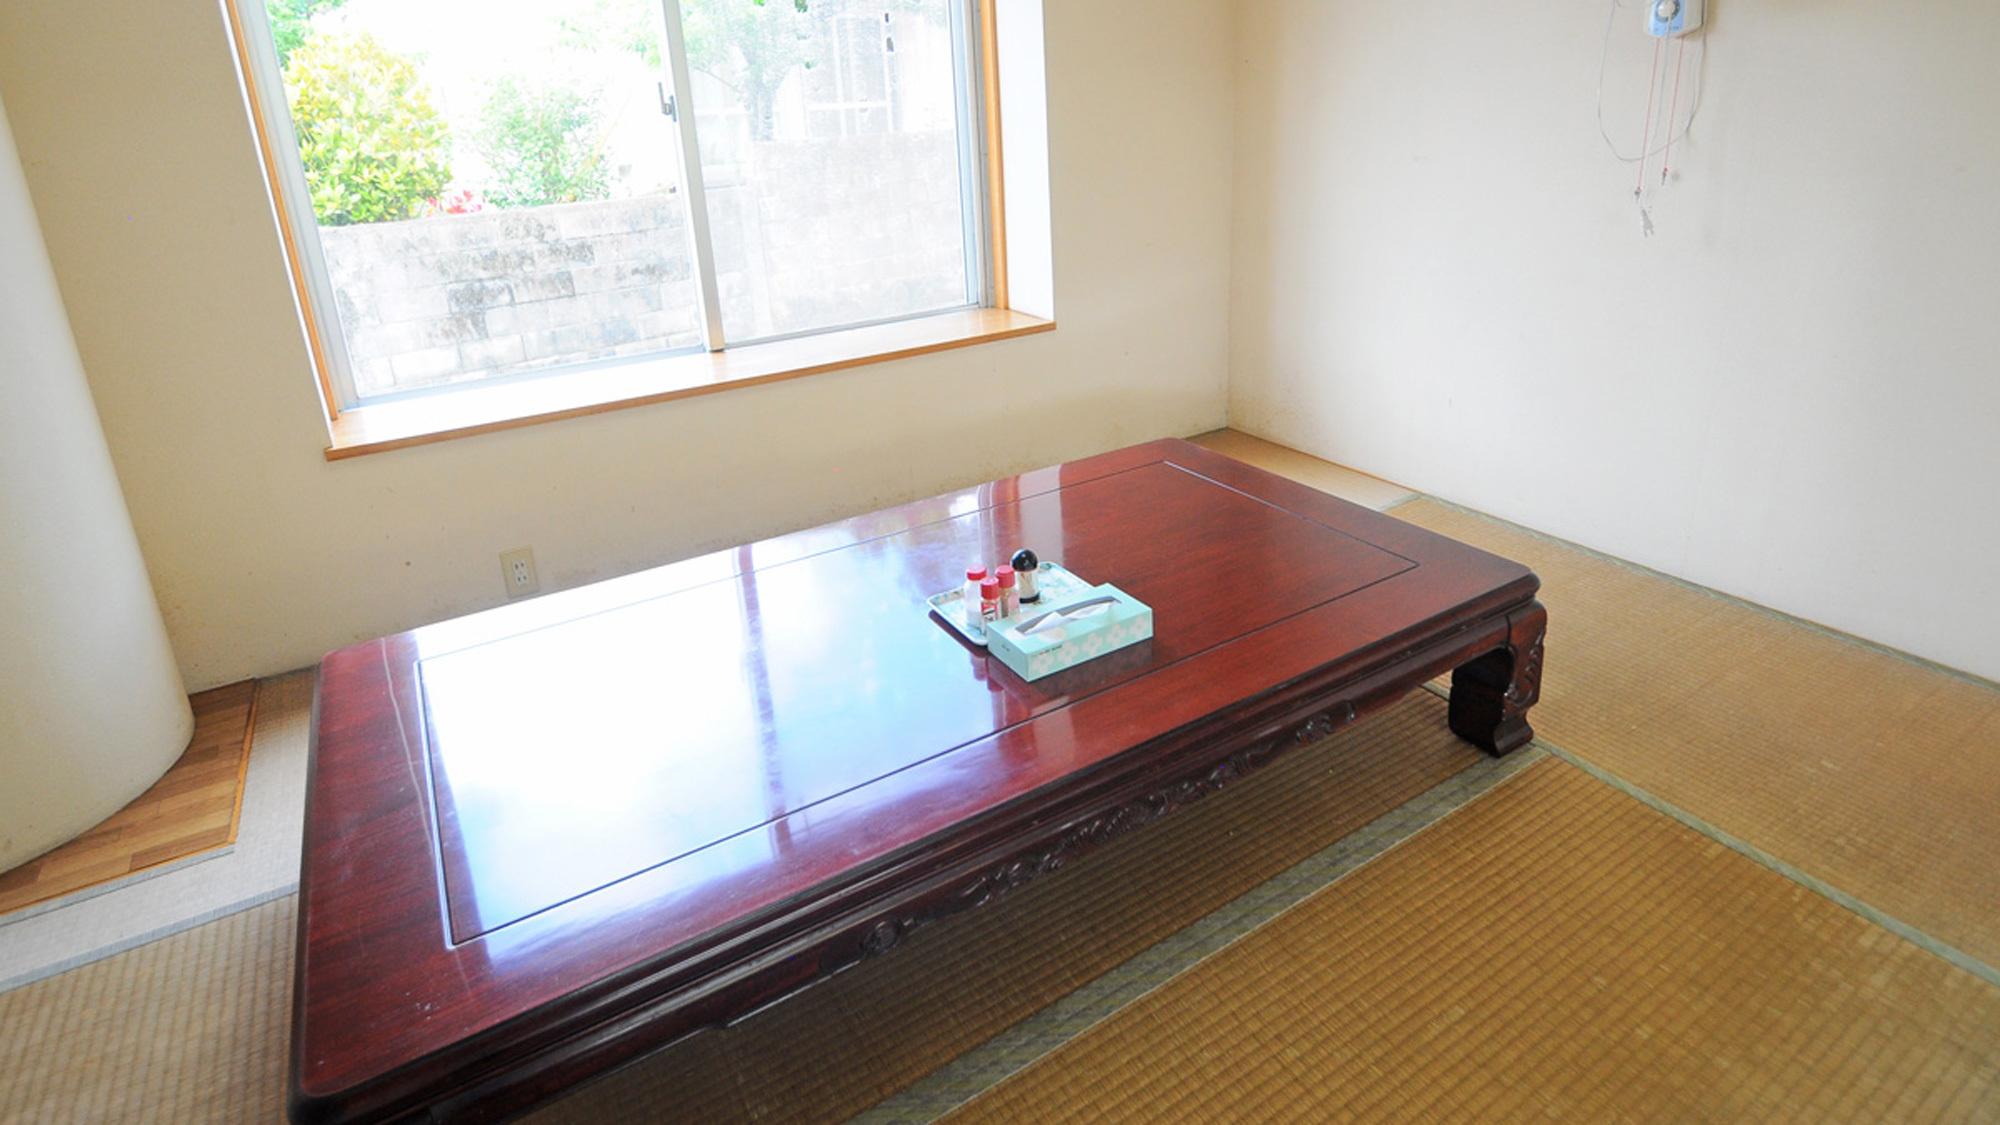 【食堂】小上がり席もございます。